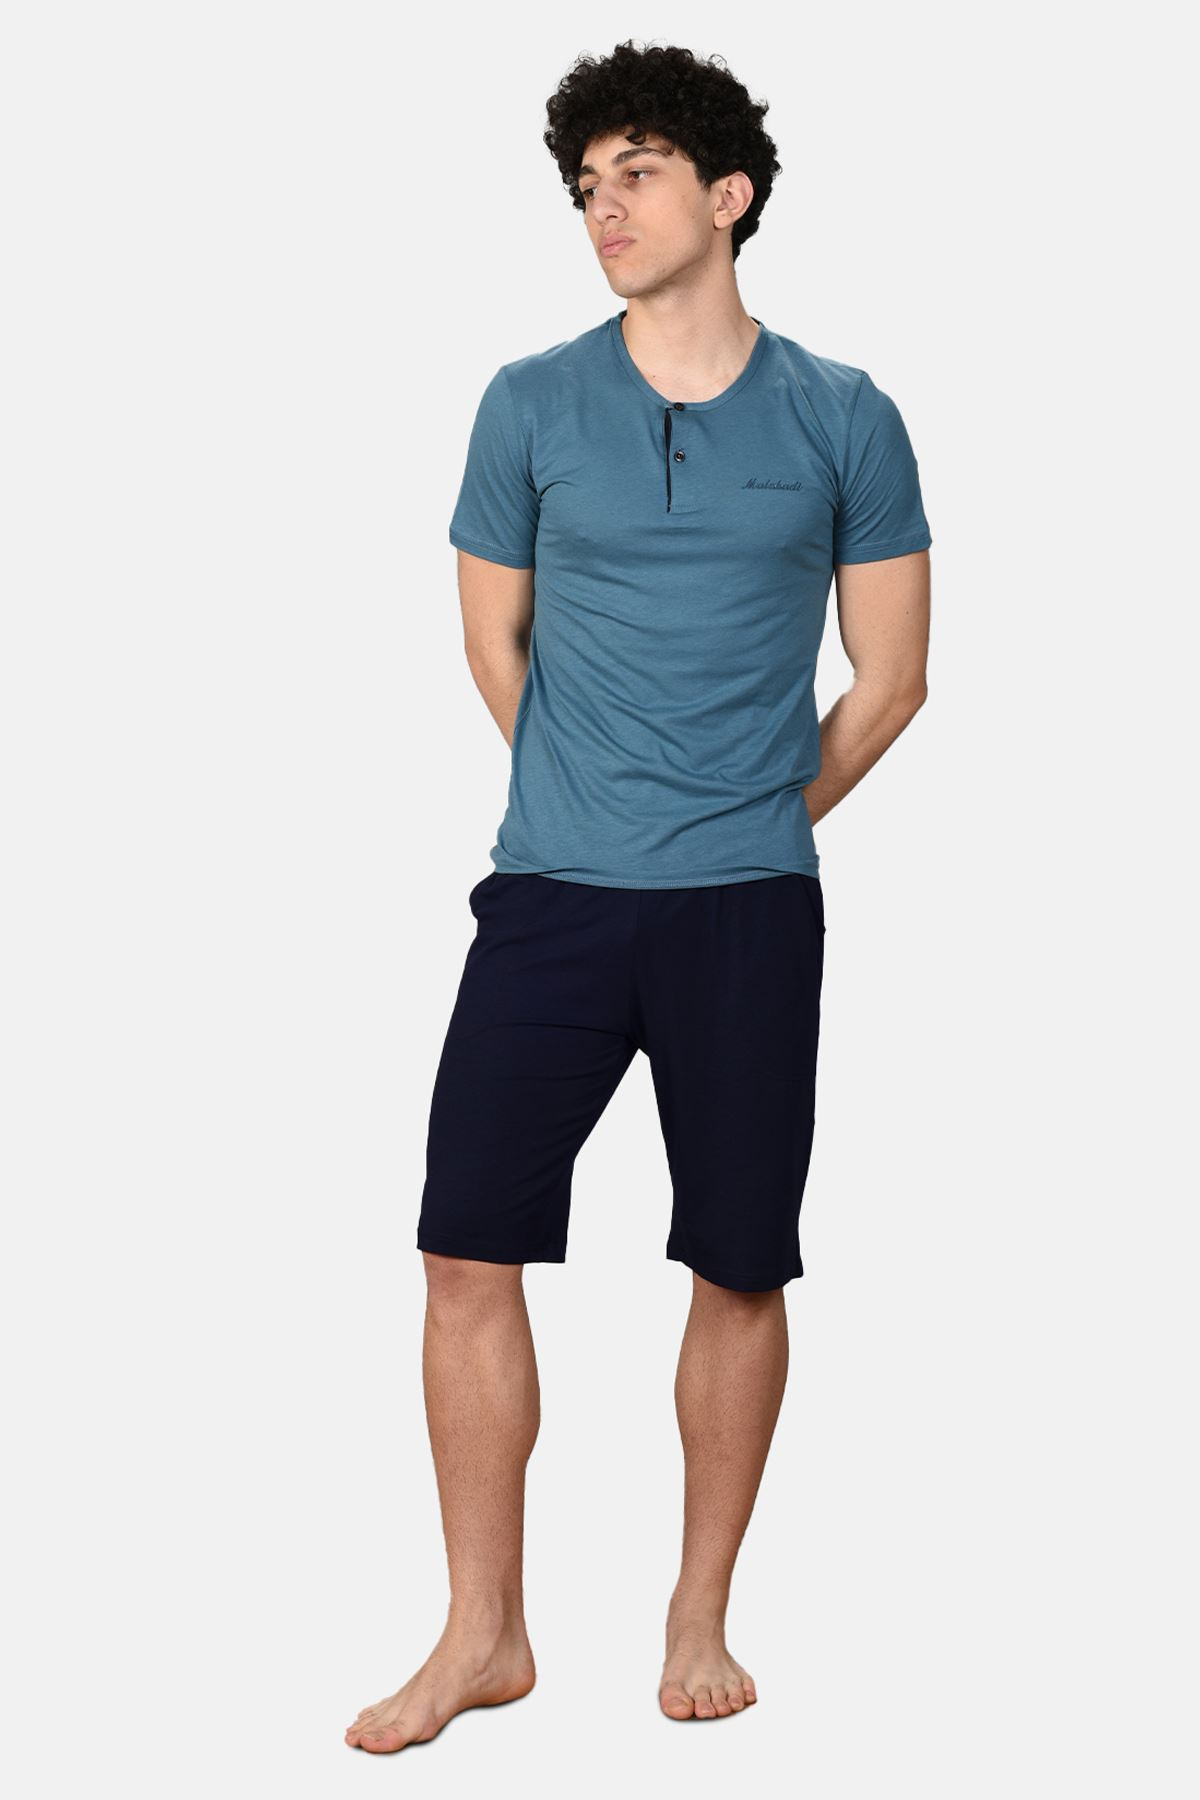 Mavi Erkek 3 lü Düğmeli Yazlık Pijama Takımı 6001